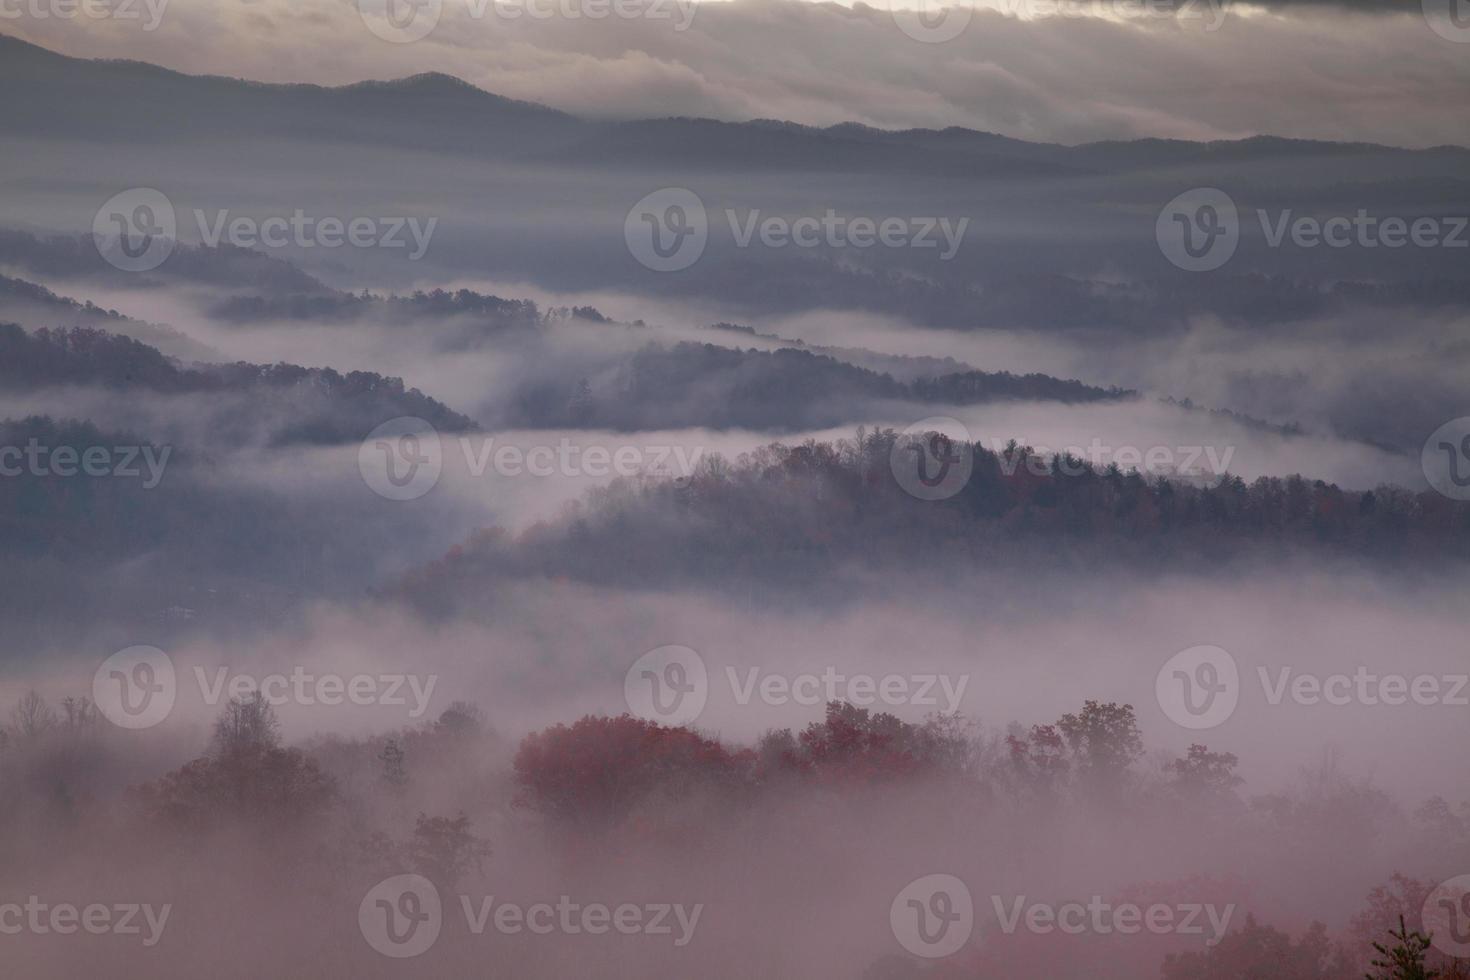 nevoeiro matinal avermelhado sobre montanhas esfumaçadas foto